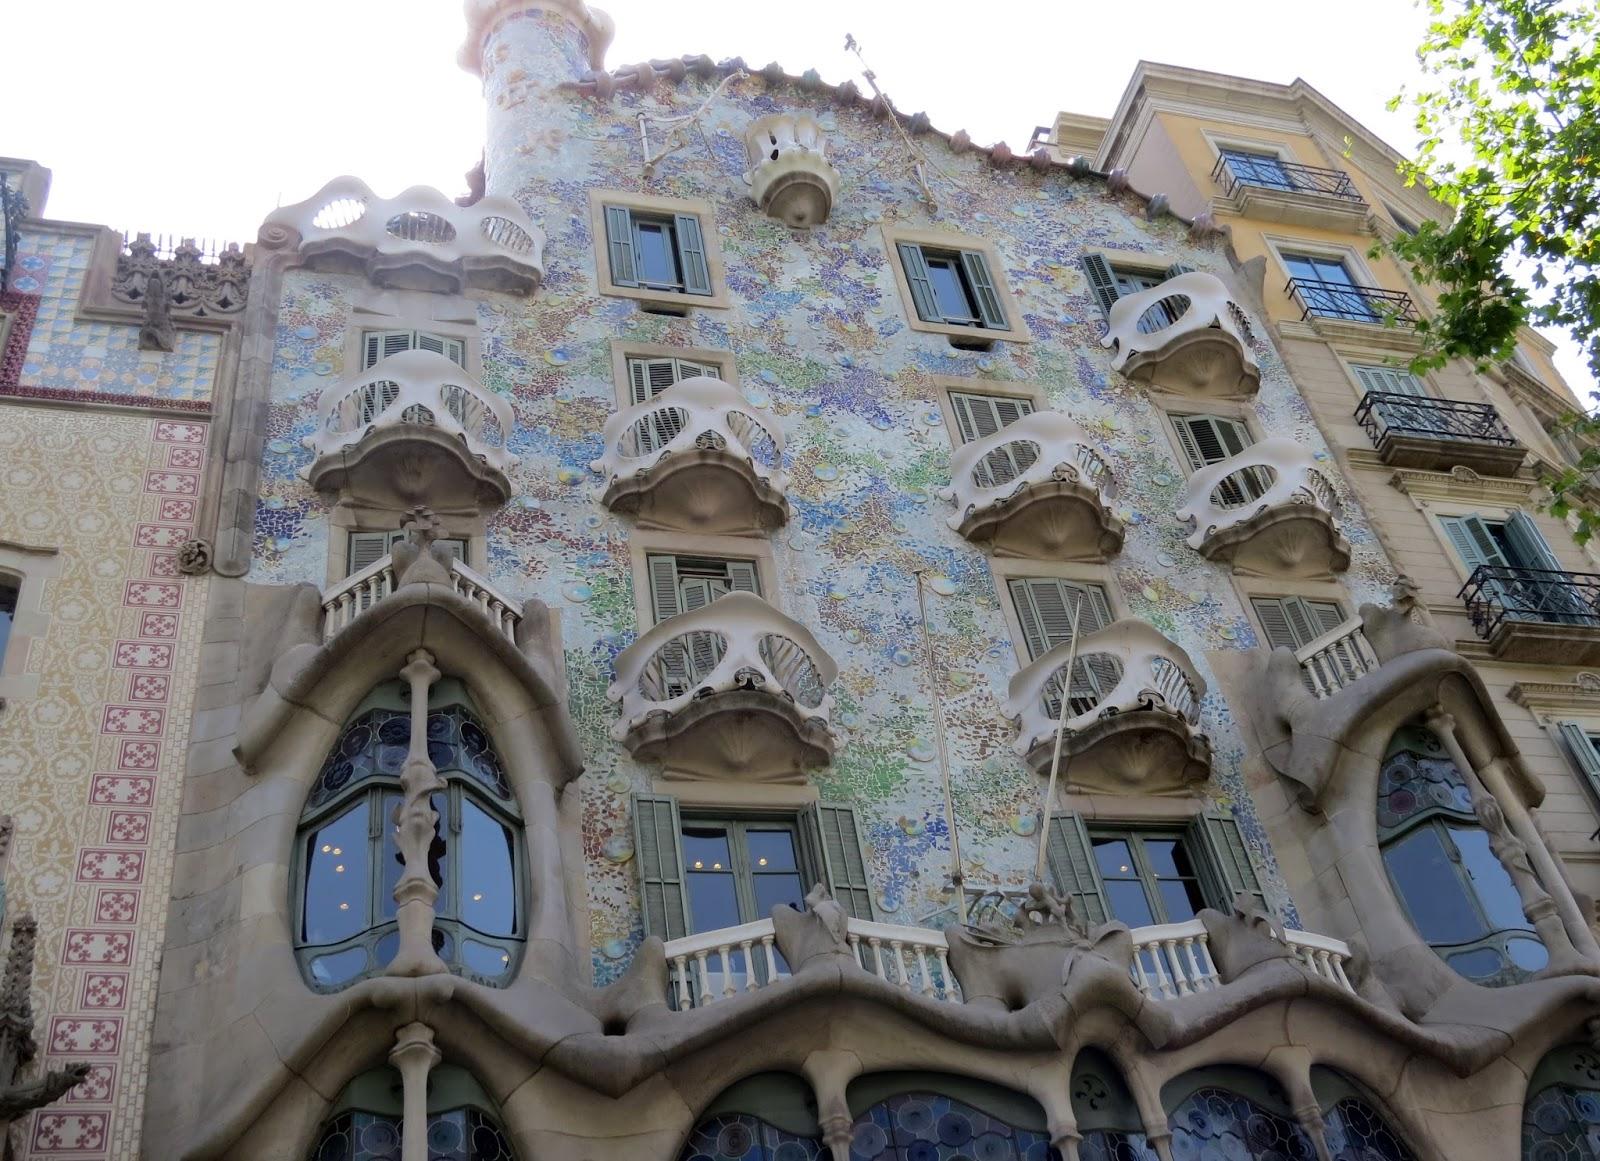 casa Batilló em Barcelona